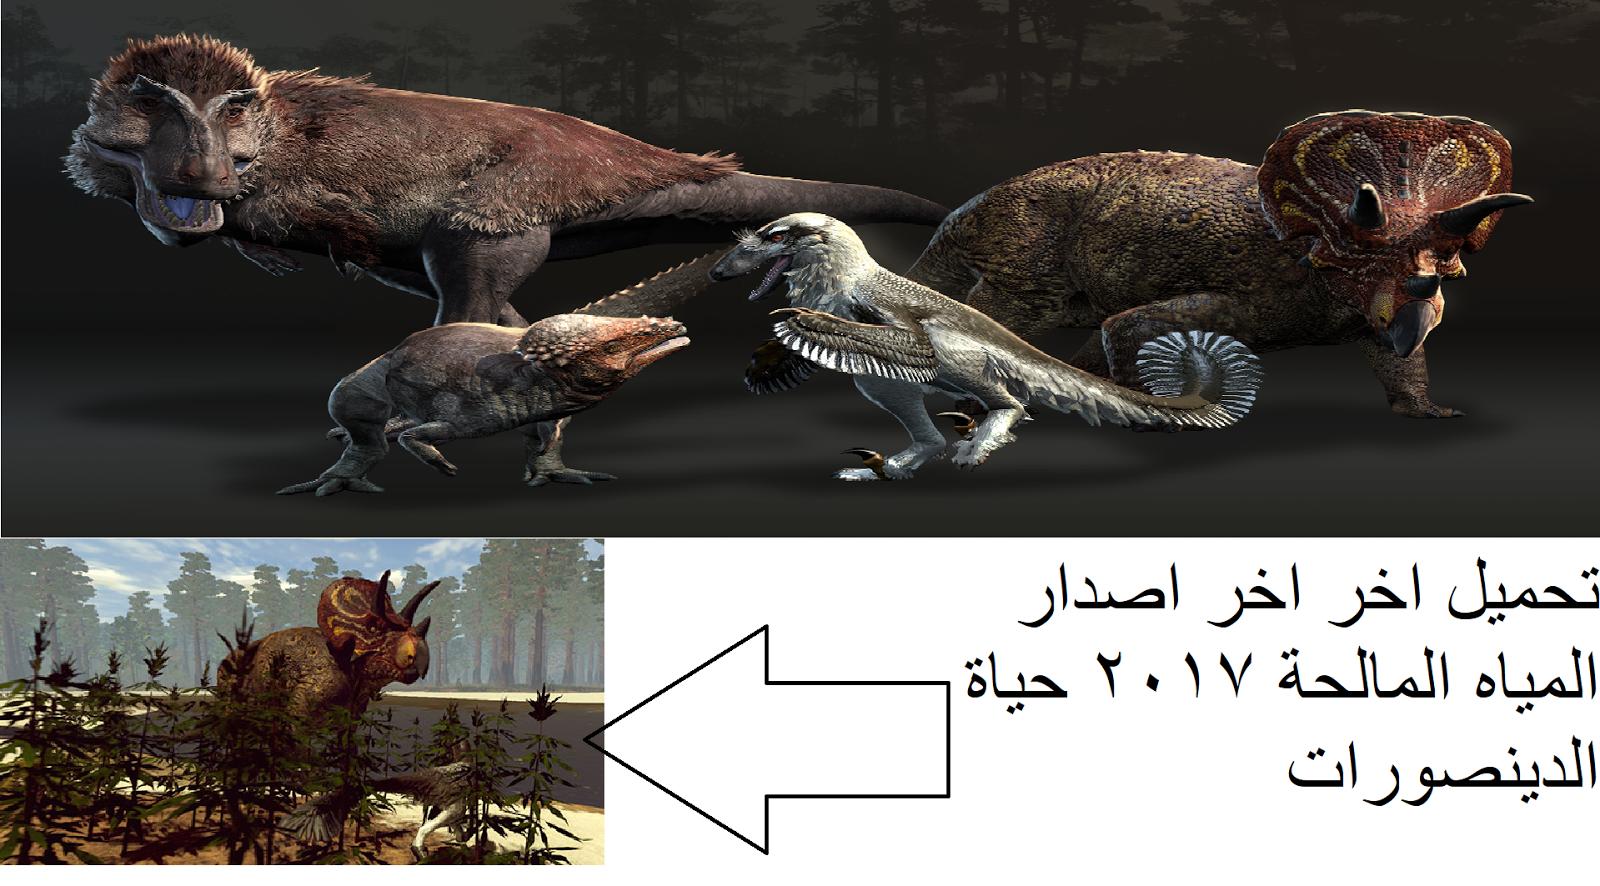 تحميل Downlod L تحميل لعبة Saurian حياة الدينصورات اخر اصدار المياه المالحة 2017